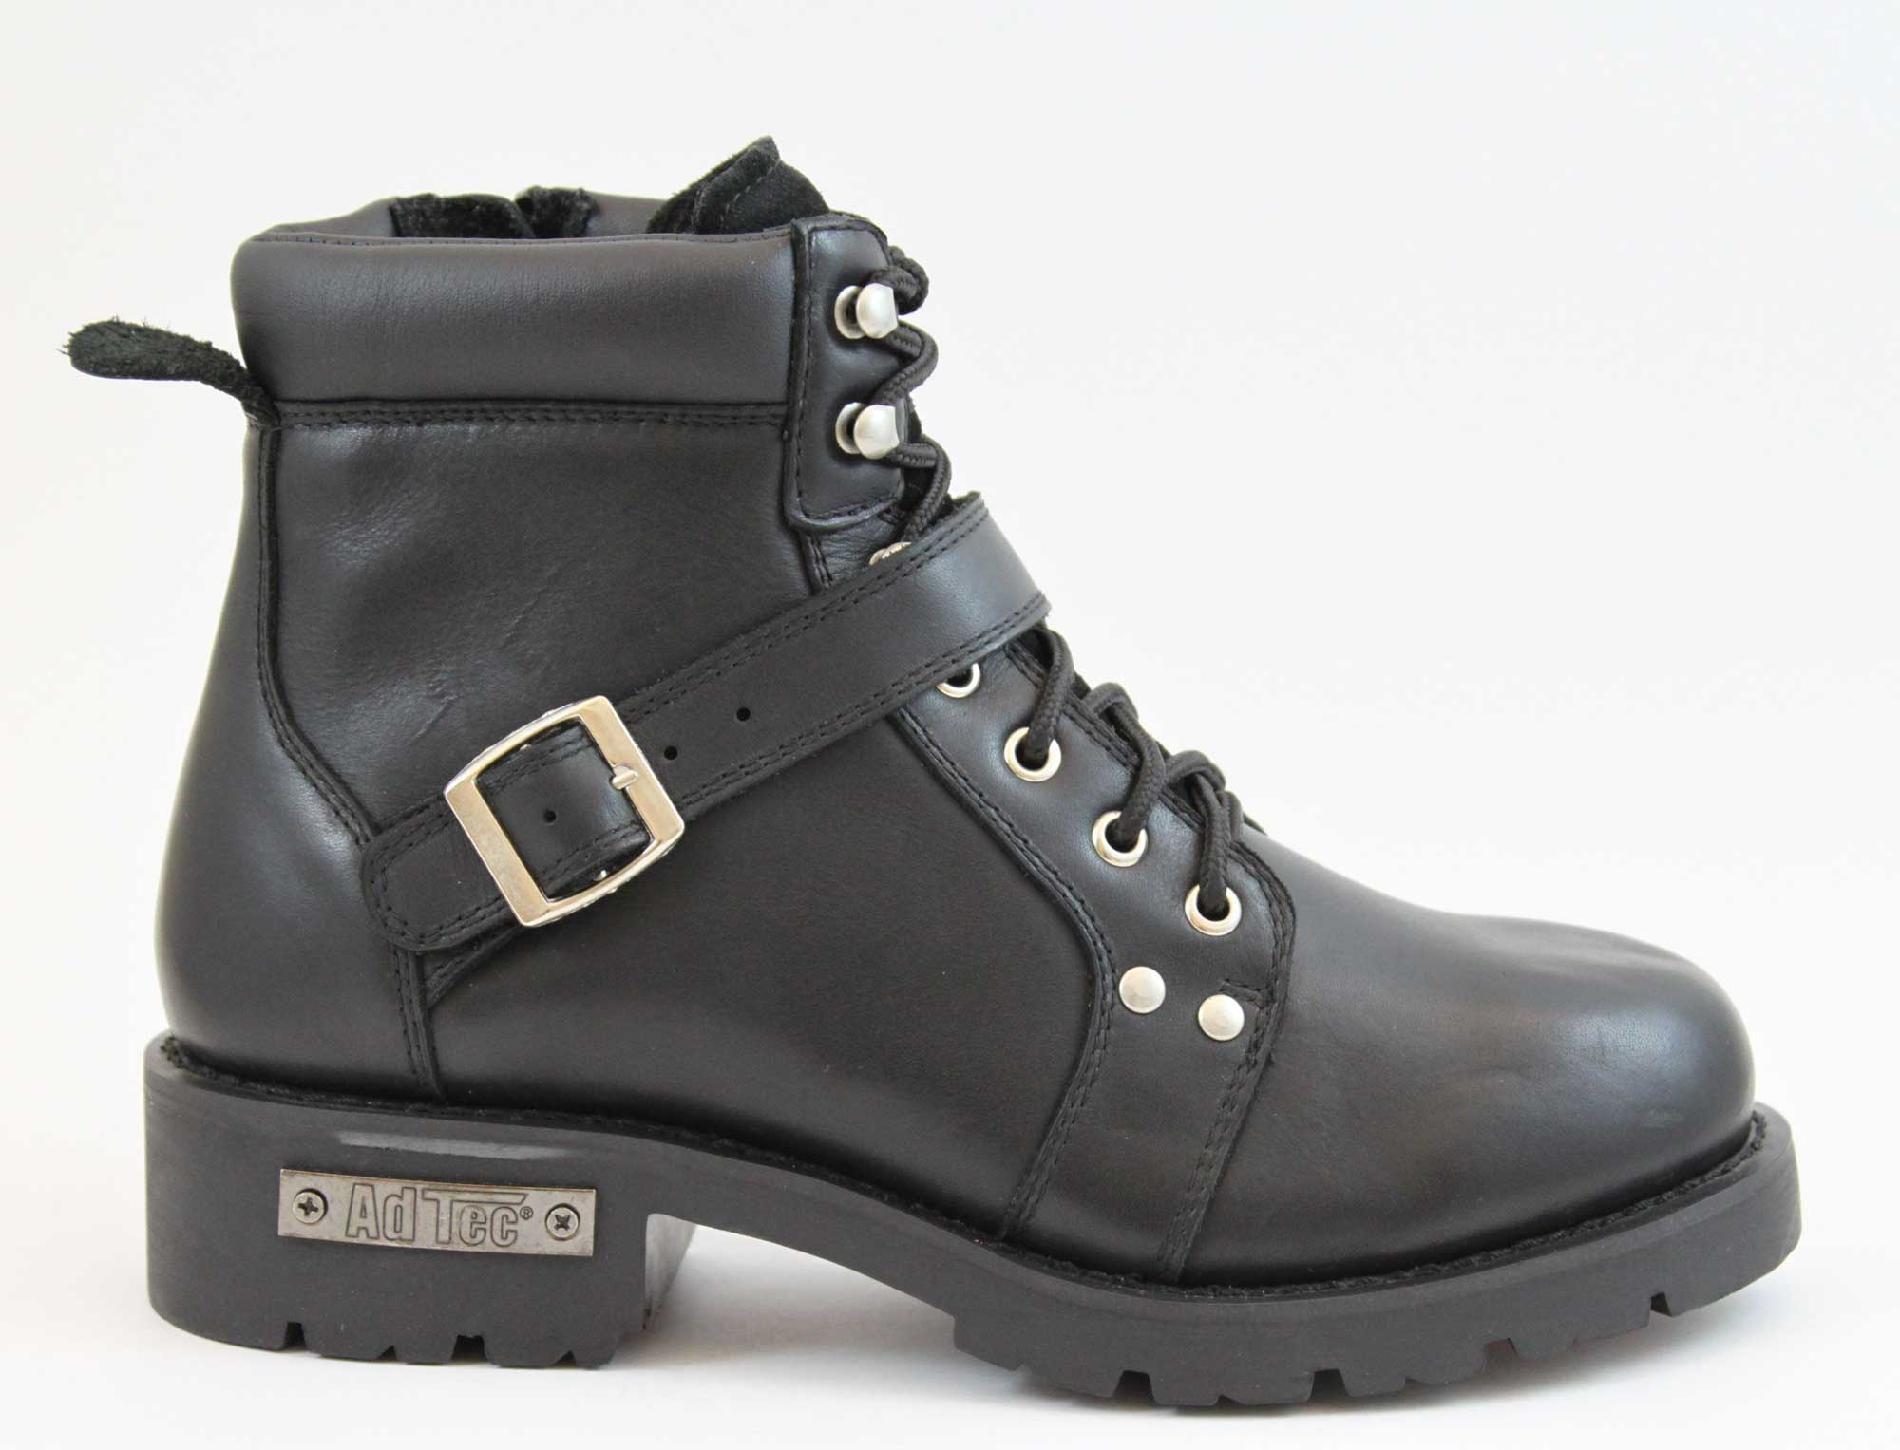 """AdTec Women's 6"""" Motorcycle Boot - Black PartNumber: 067VA2544601P MfgPartNumber: 8143"""